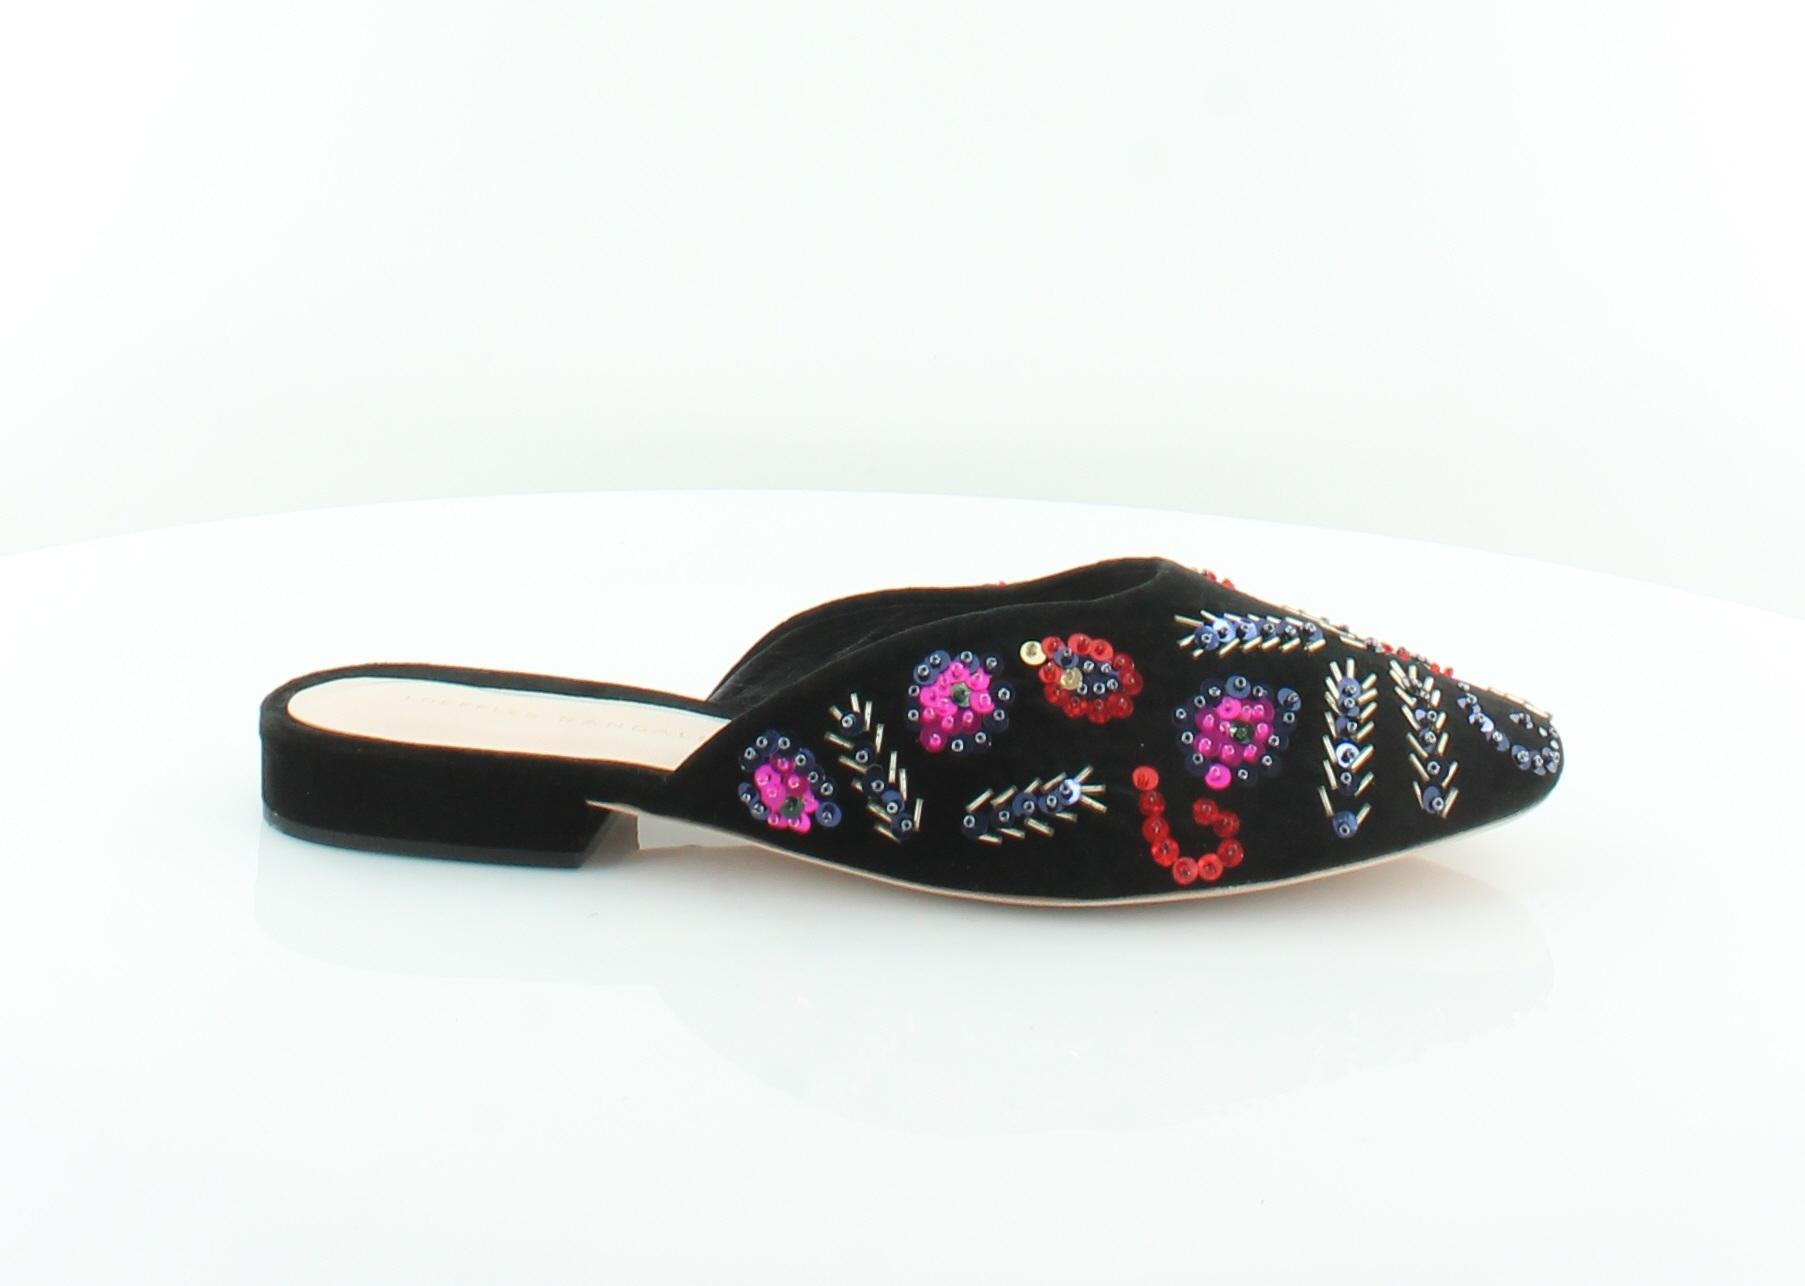 Loeffler Randall  Quin nero donna scarpe Dimensione 11 M Flats MSRP  395  servizio onesto